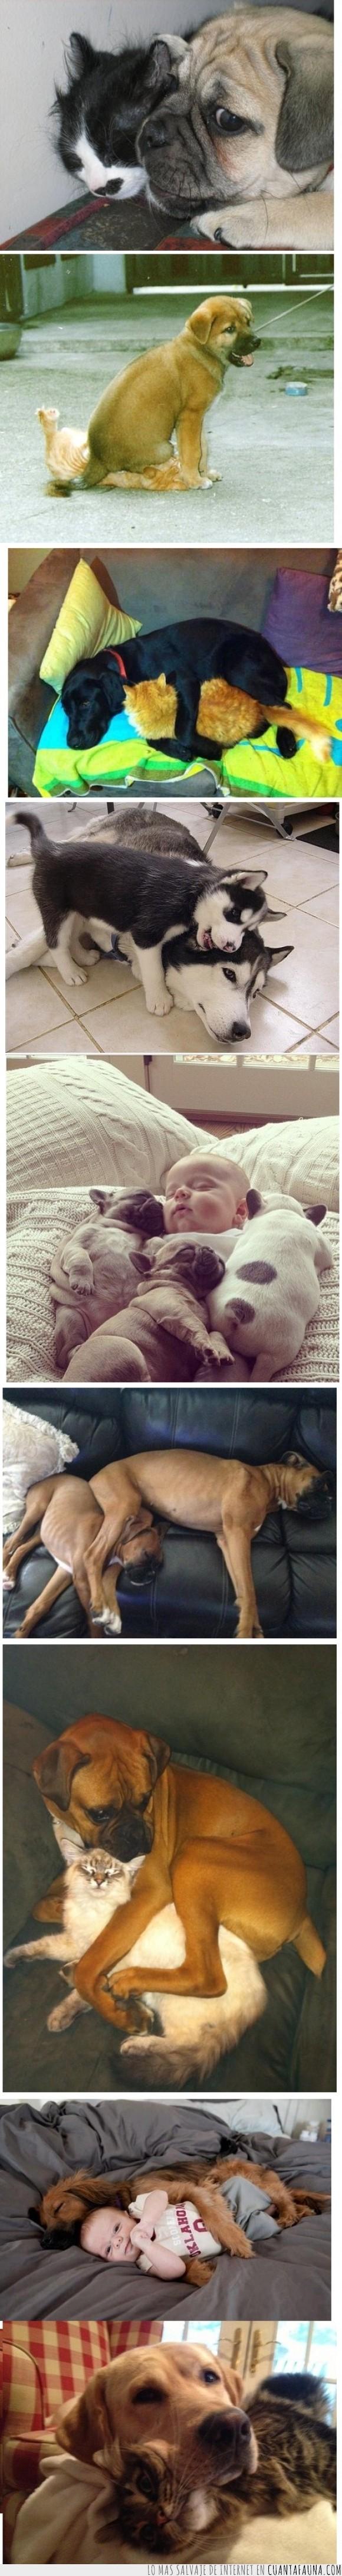 bebe,encima,espacio personal,gato,GET OFF OFF ME DOGGA,molestar,perro,pugs